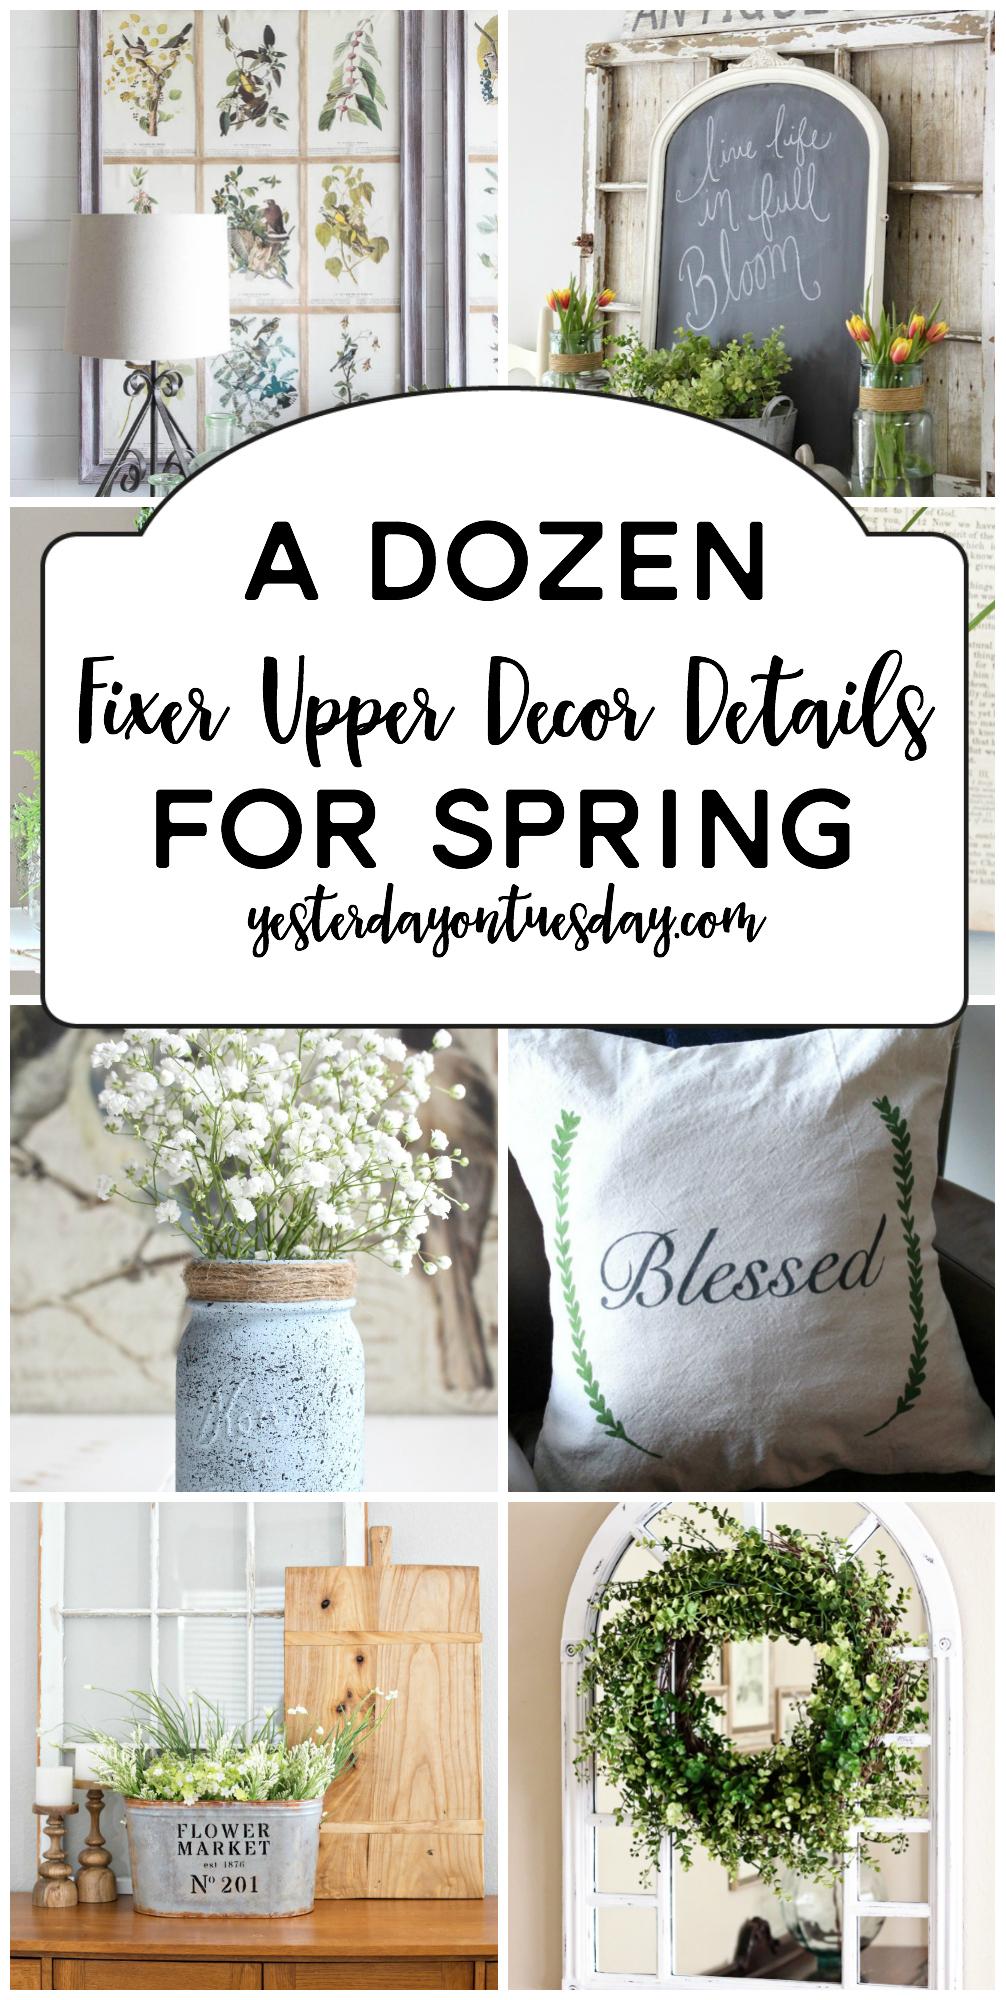 A Dozen Fixer Upper Ideas for Spring